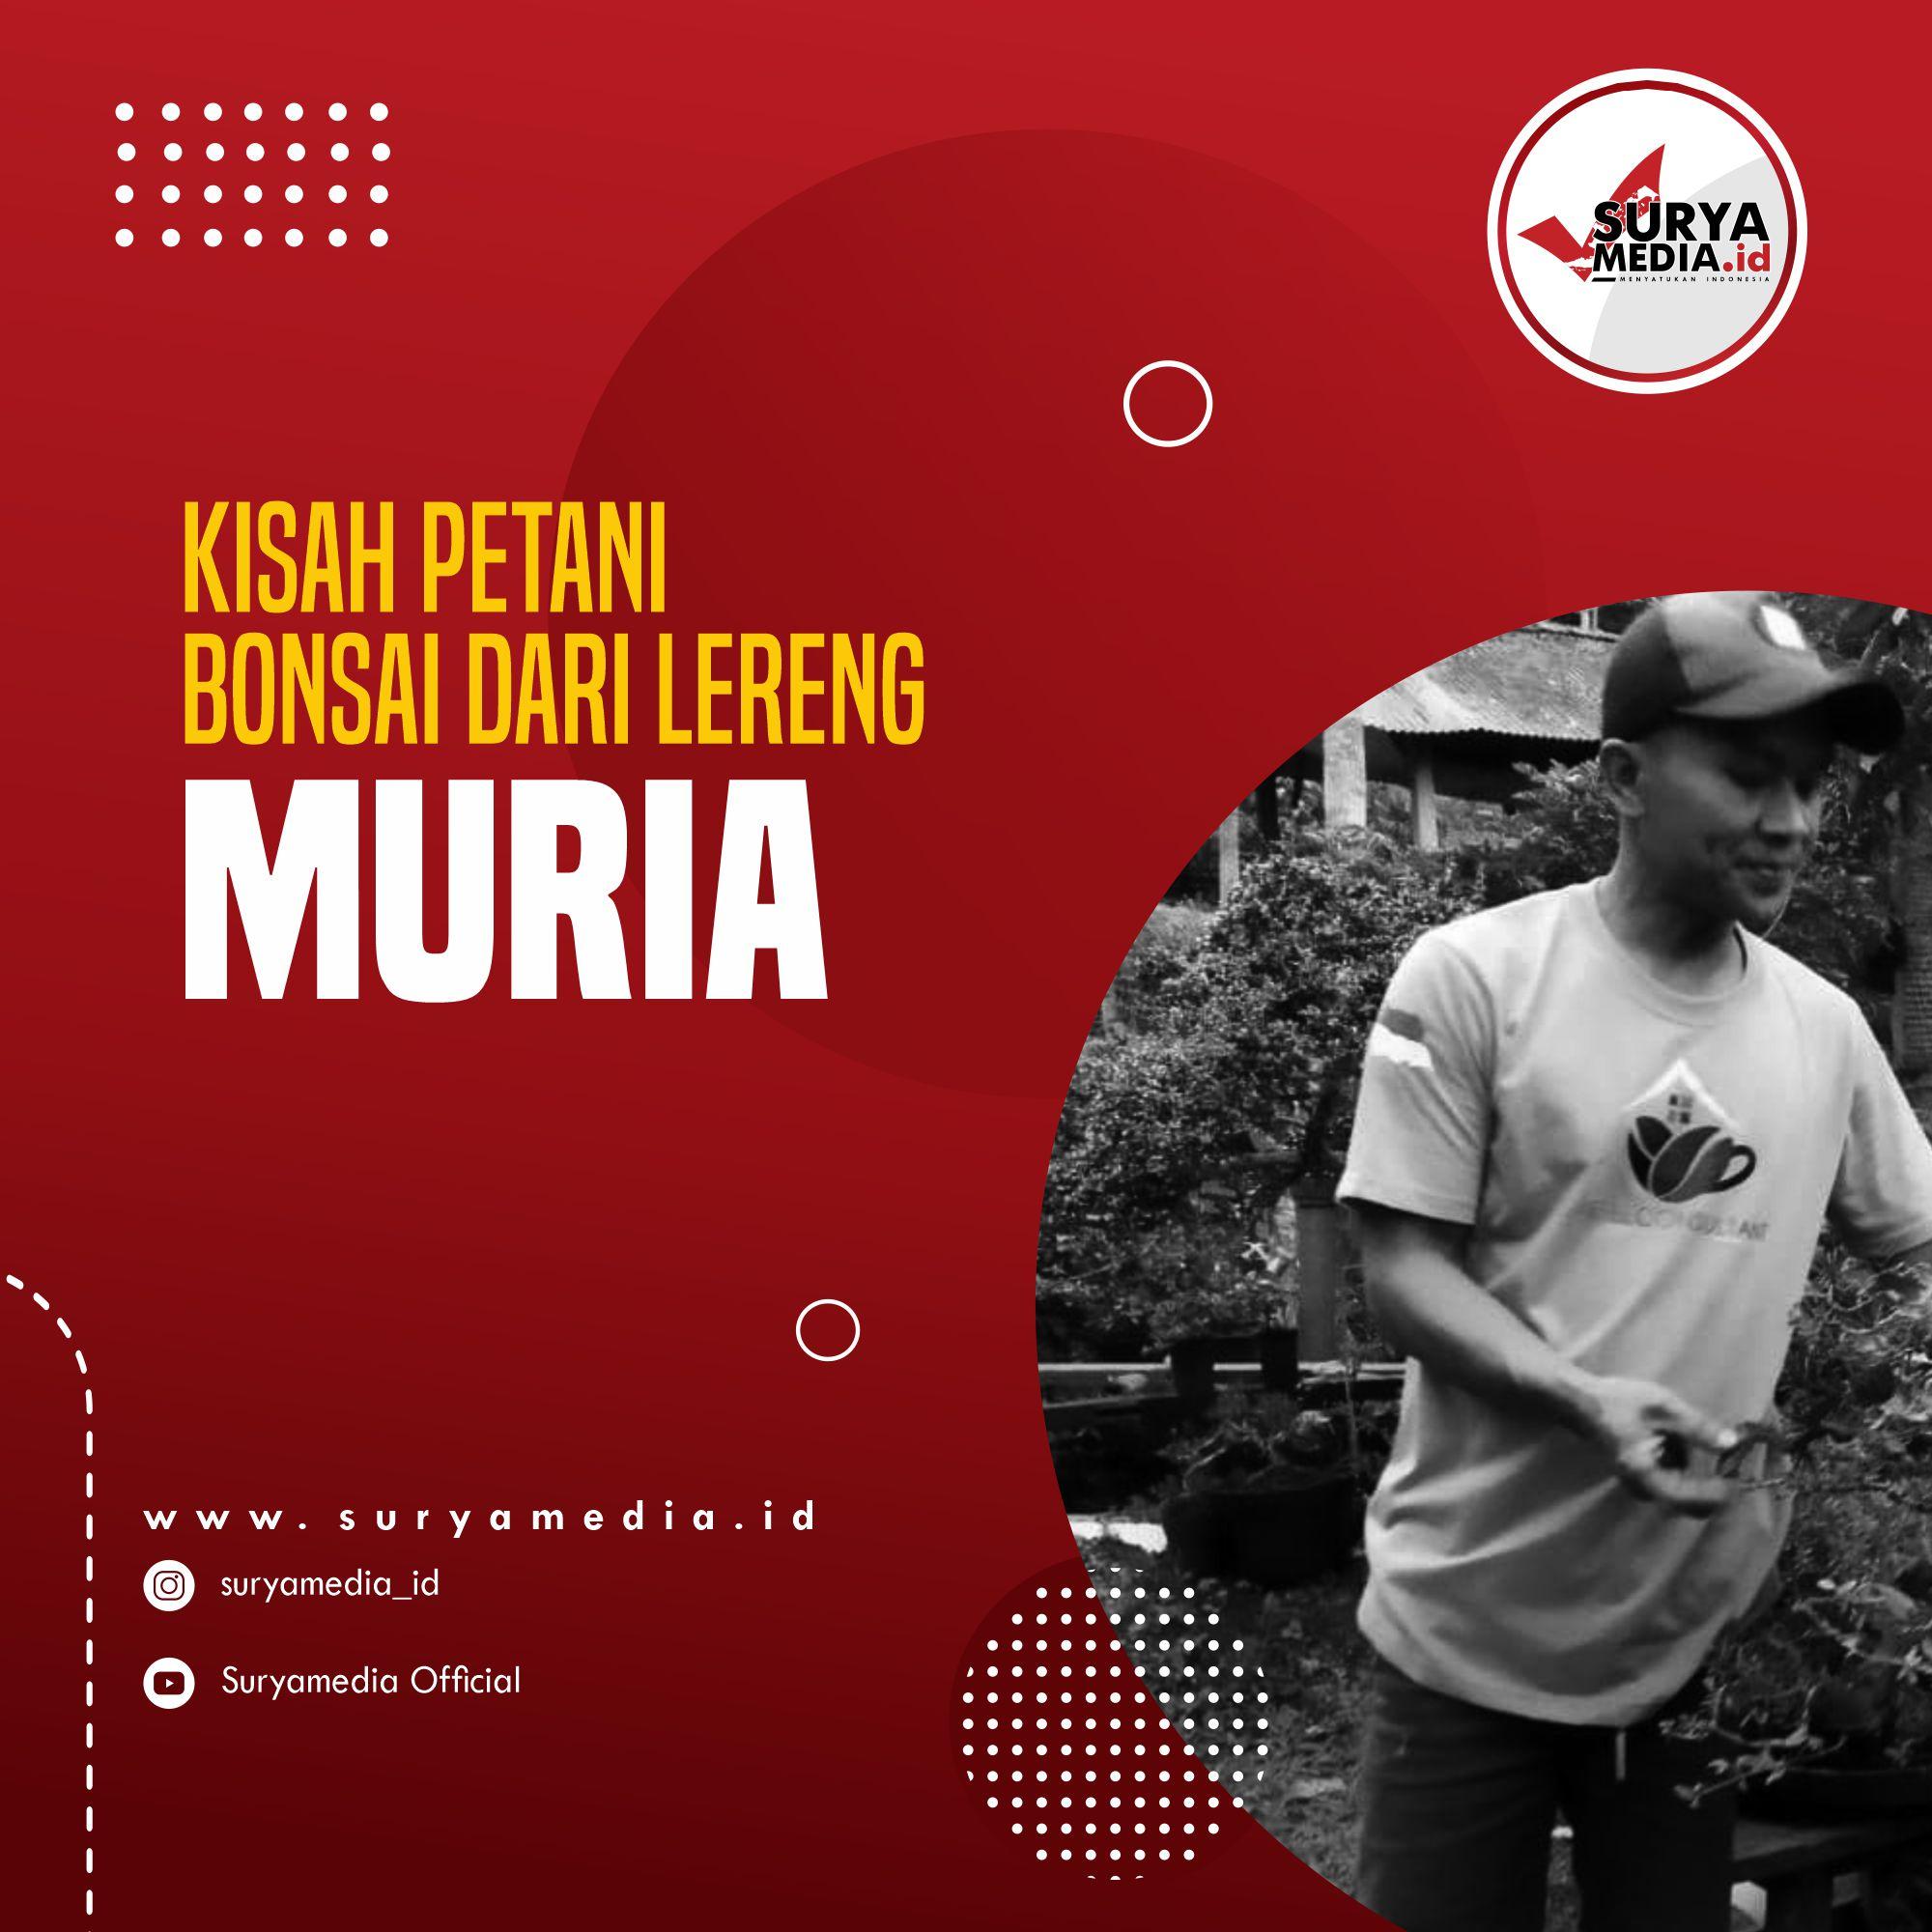 Kisah Petani Bonsai dari Lereng Muria A